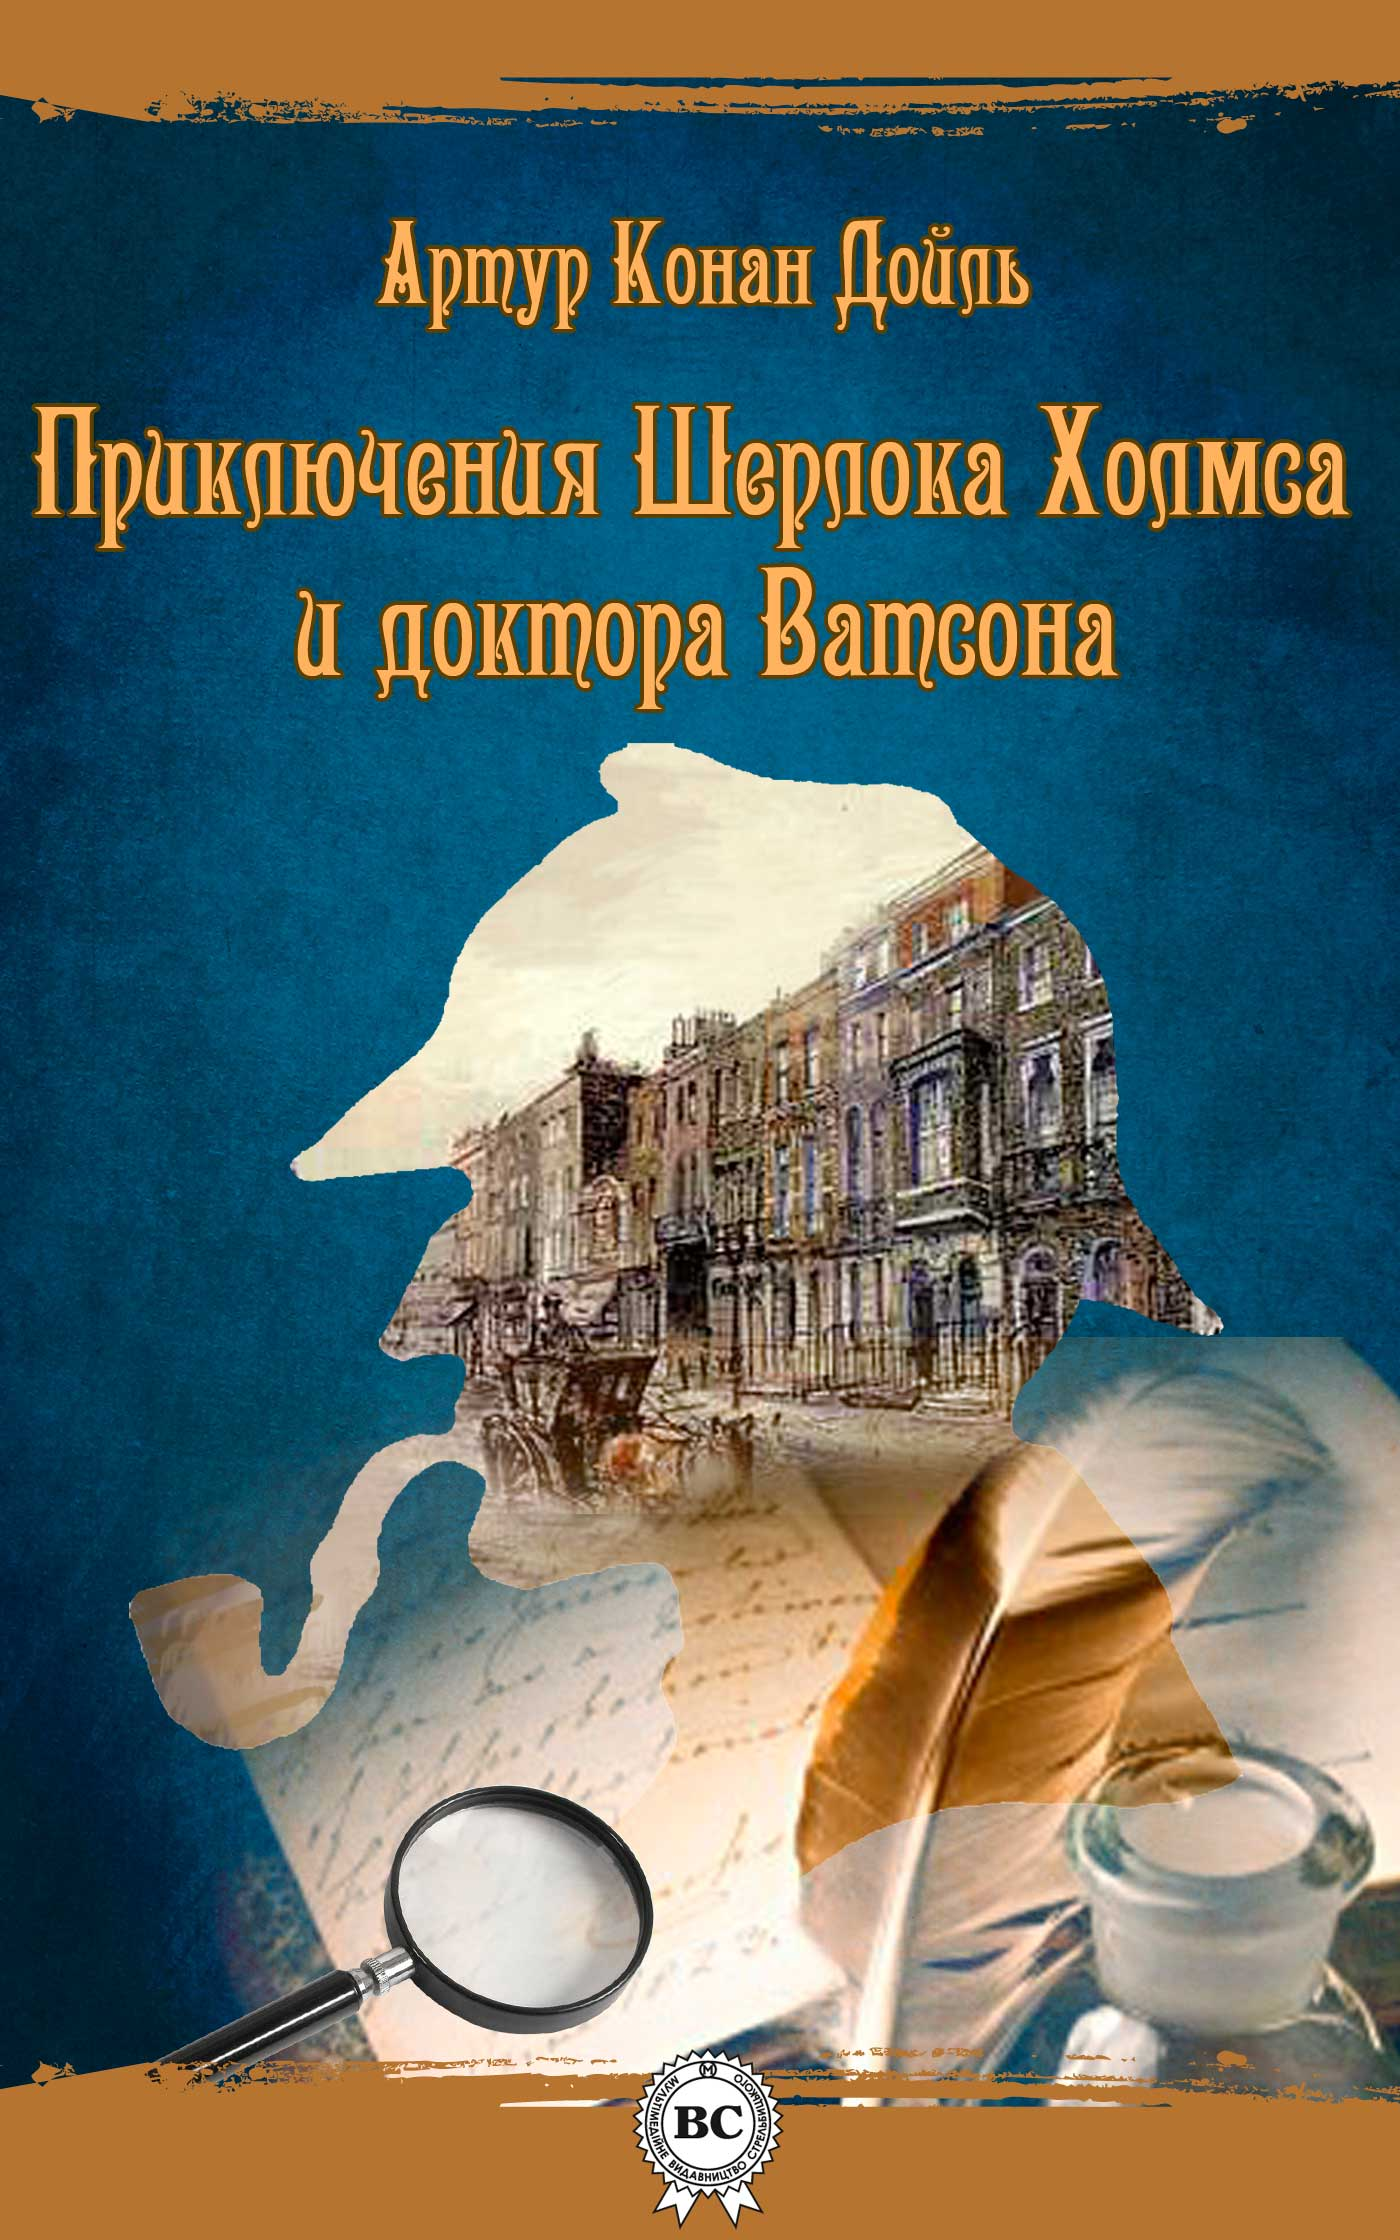 приключения шерлока холмса и доктора ватсона знакомство скачать книгу